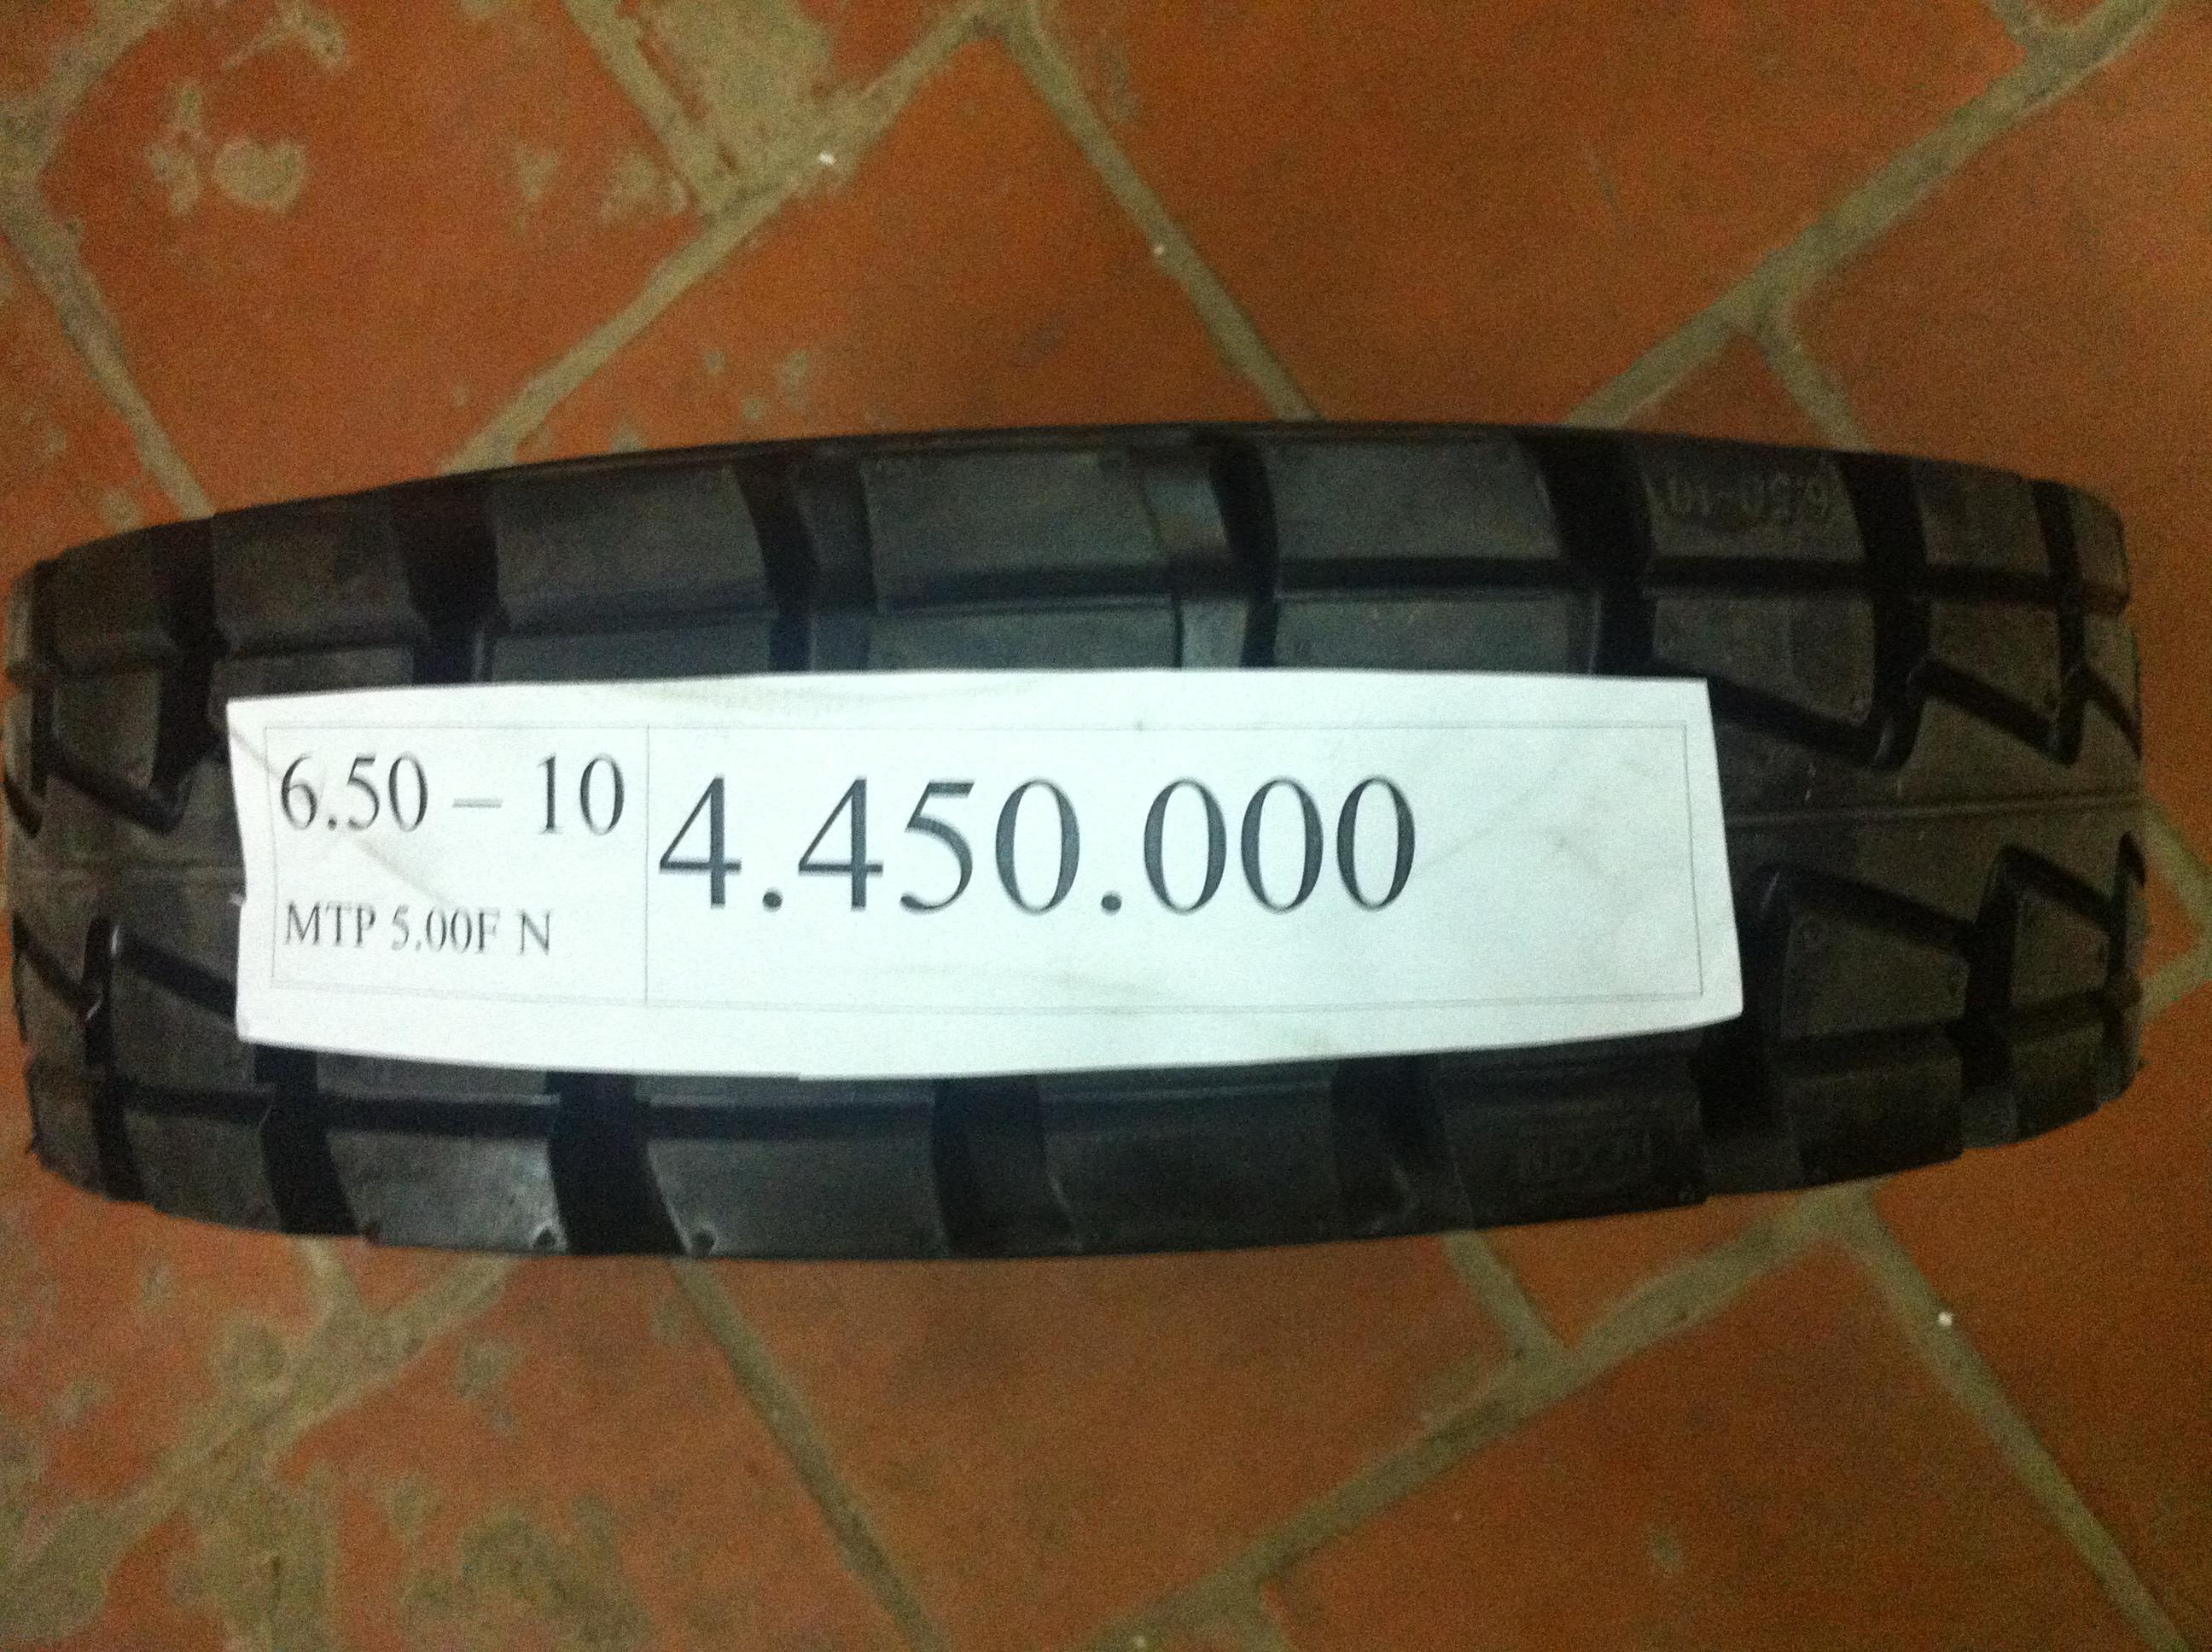 Lốp (vỏ) xe nâng đặc Nexen 650-10 sản xuất tại Hàn Quốc, phân phối duy nhất tại VNE